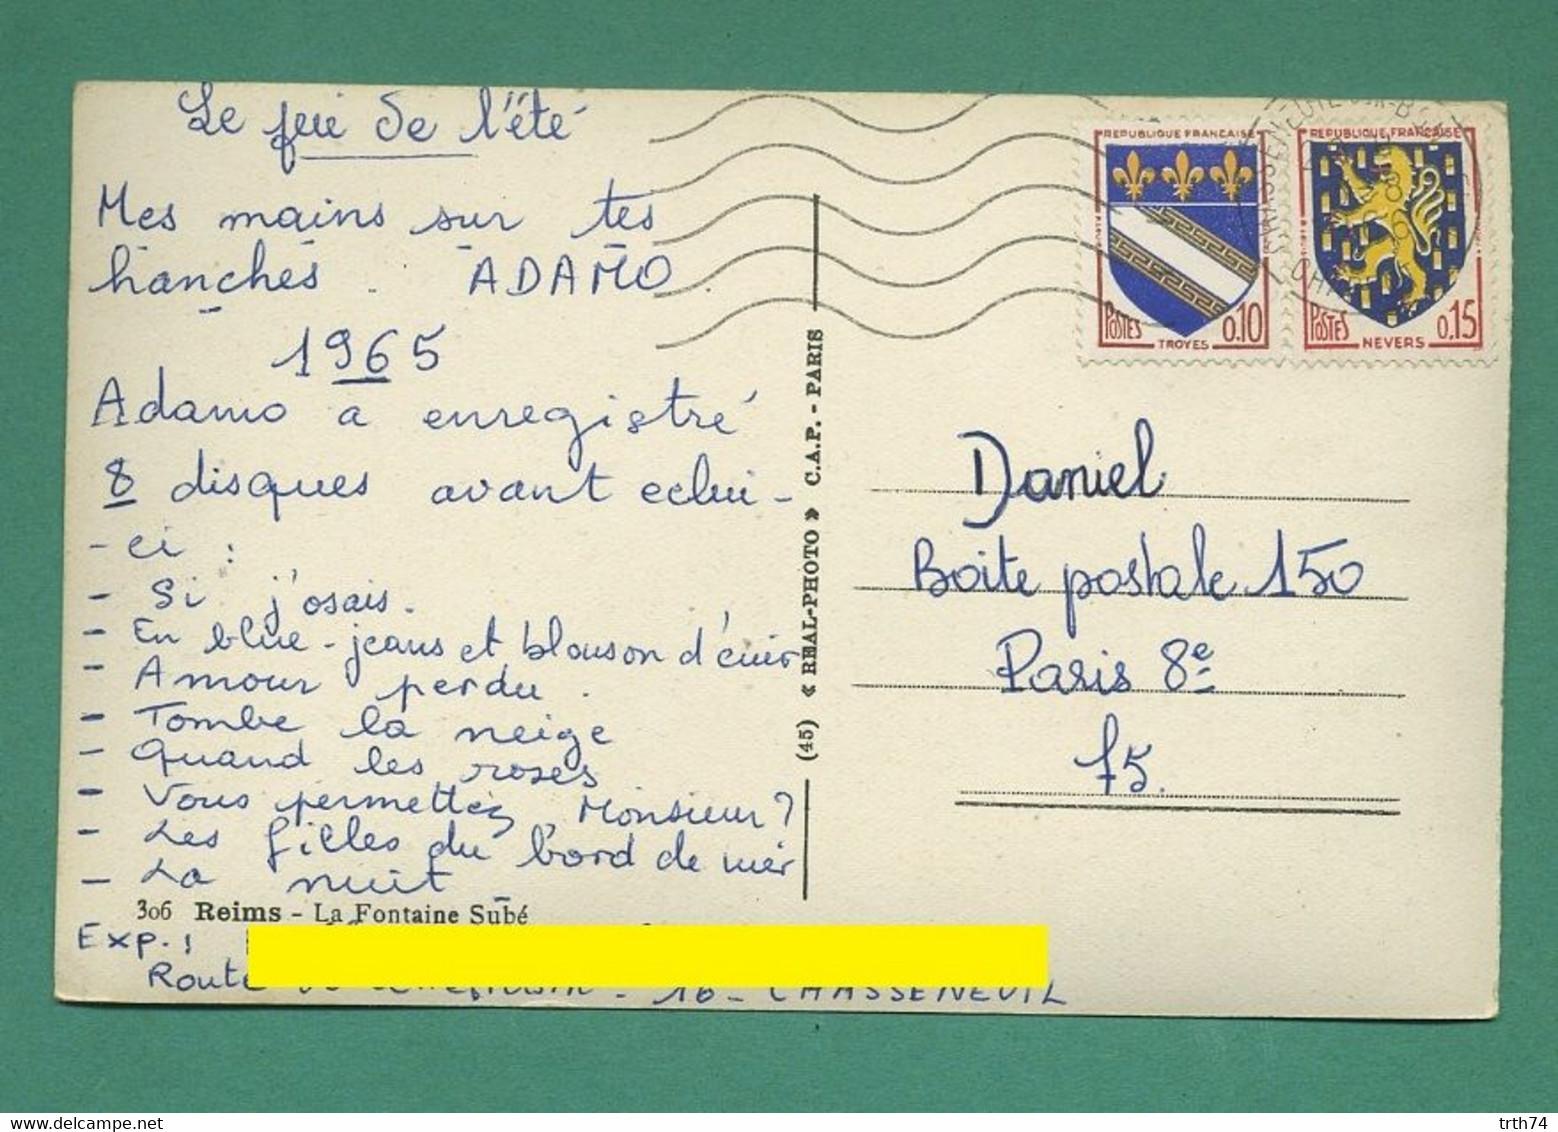 51 Reims La Fontaine Subé 1966  CPSM  9 X 14 Cm - Reims